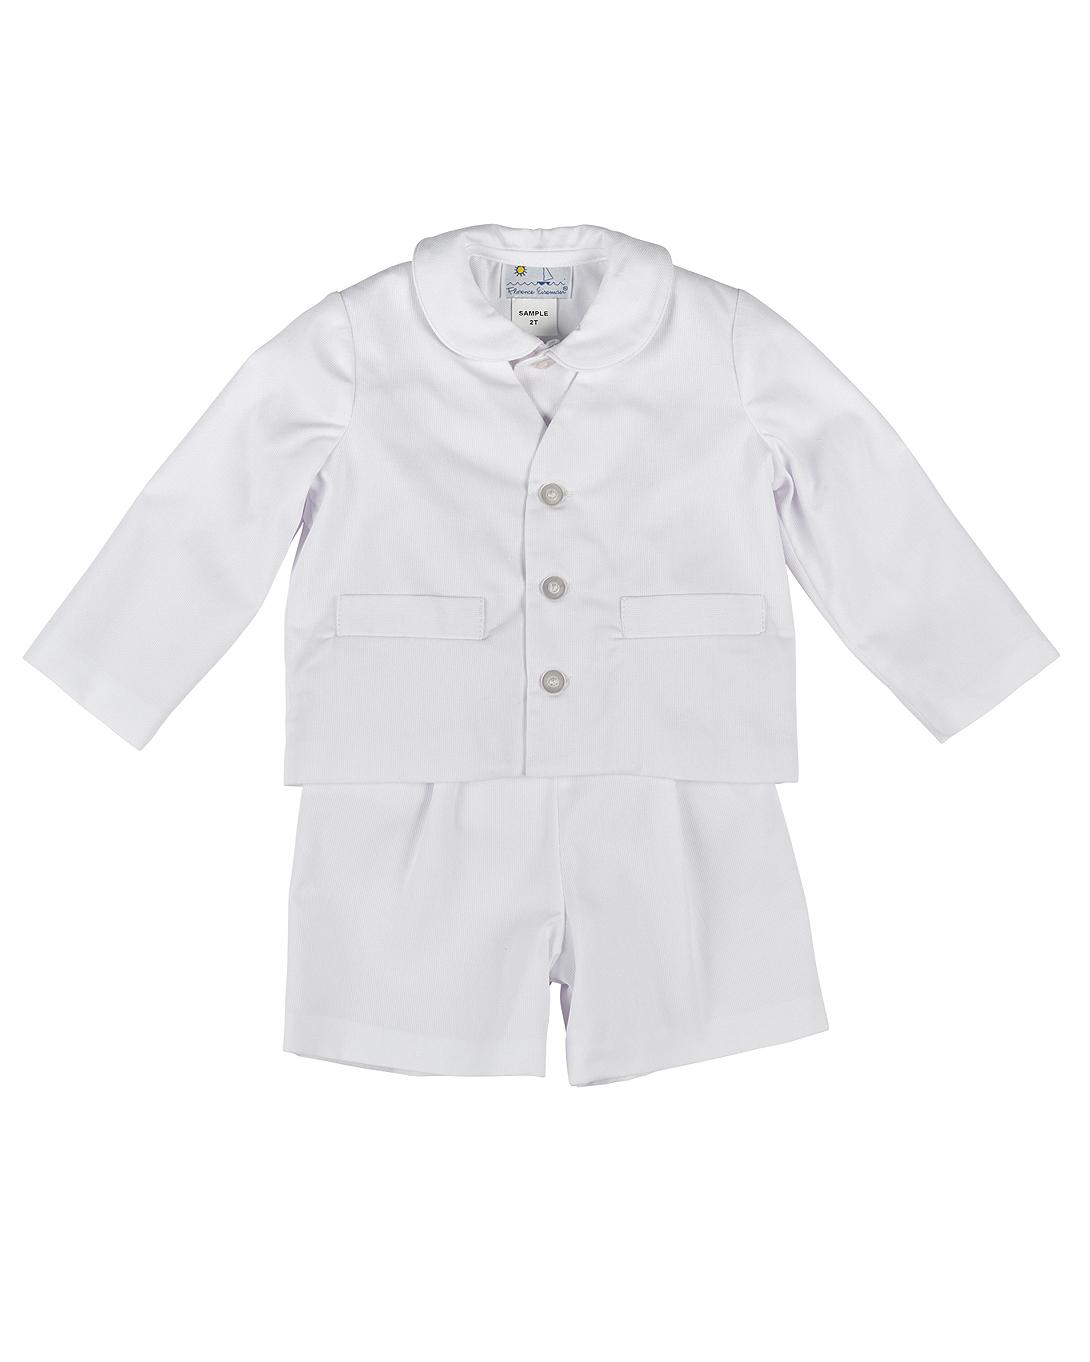 Eton Fine-Wale Pique Suit